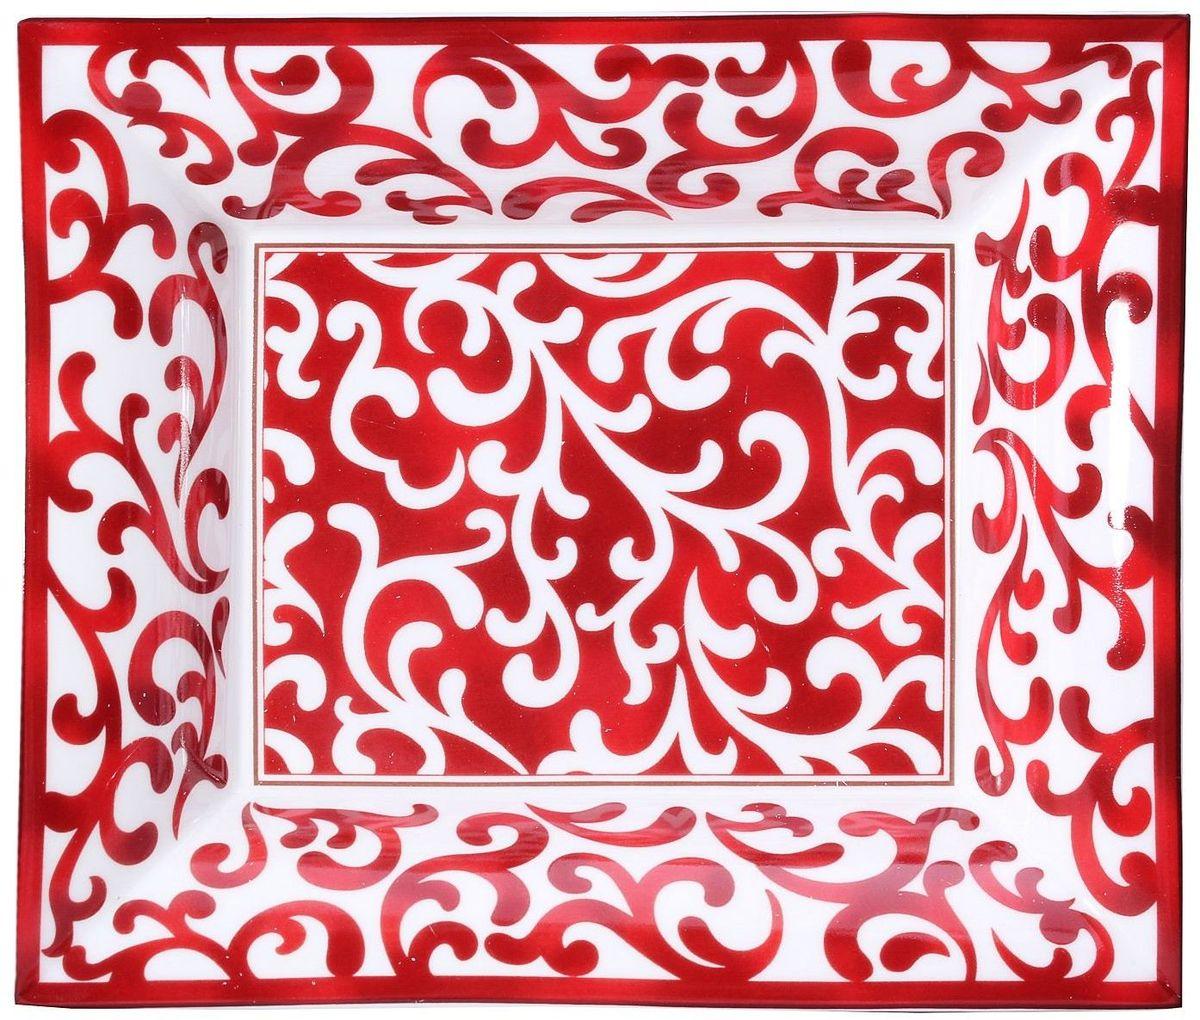 Чаша Lamart Узоры, 15,5 х 18,5 х 3,5 см54 009312Вместе с оригинальной чашей ручной работы Узоры известной итальянской фабрики Lamart ваш стол расцветет новыми яркими и жизнерадостными красками. Замечательная чаша, с потрясающим мастерством изготовленная из ценного костяного фарфора, станет настоящим украшением интерьера кухни или столовой и добавит даже будничному ужину новизны и неординарности. Благодаря превосходному качеству и эффектному дизайну она станет прекрасным подарком для хозяйки дома, ведь женщины знают цену таким вещам.